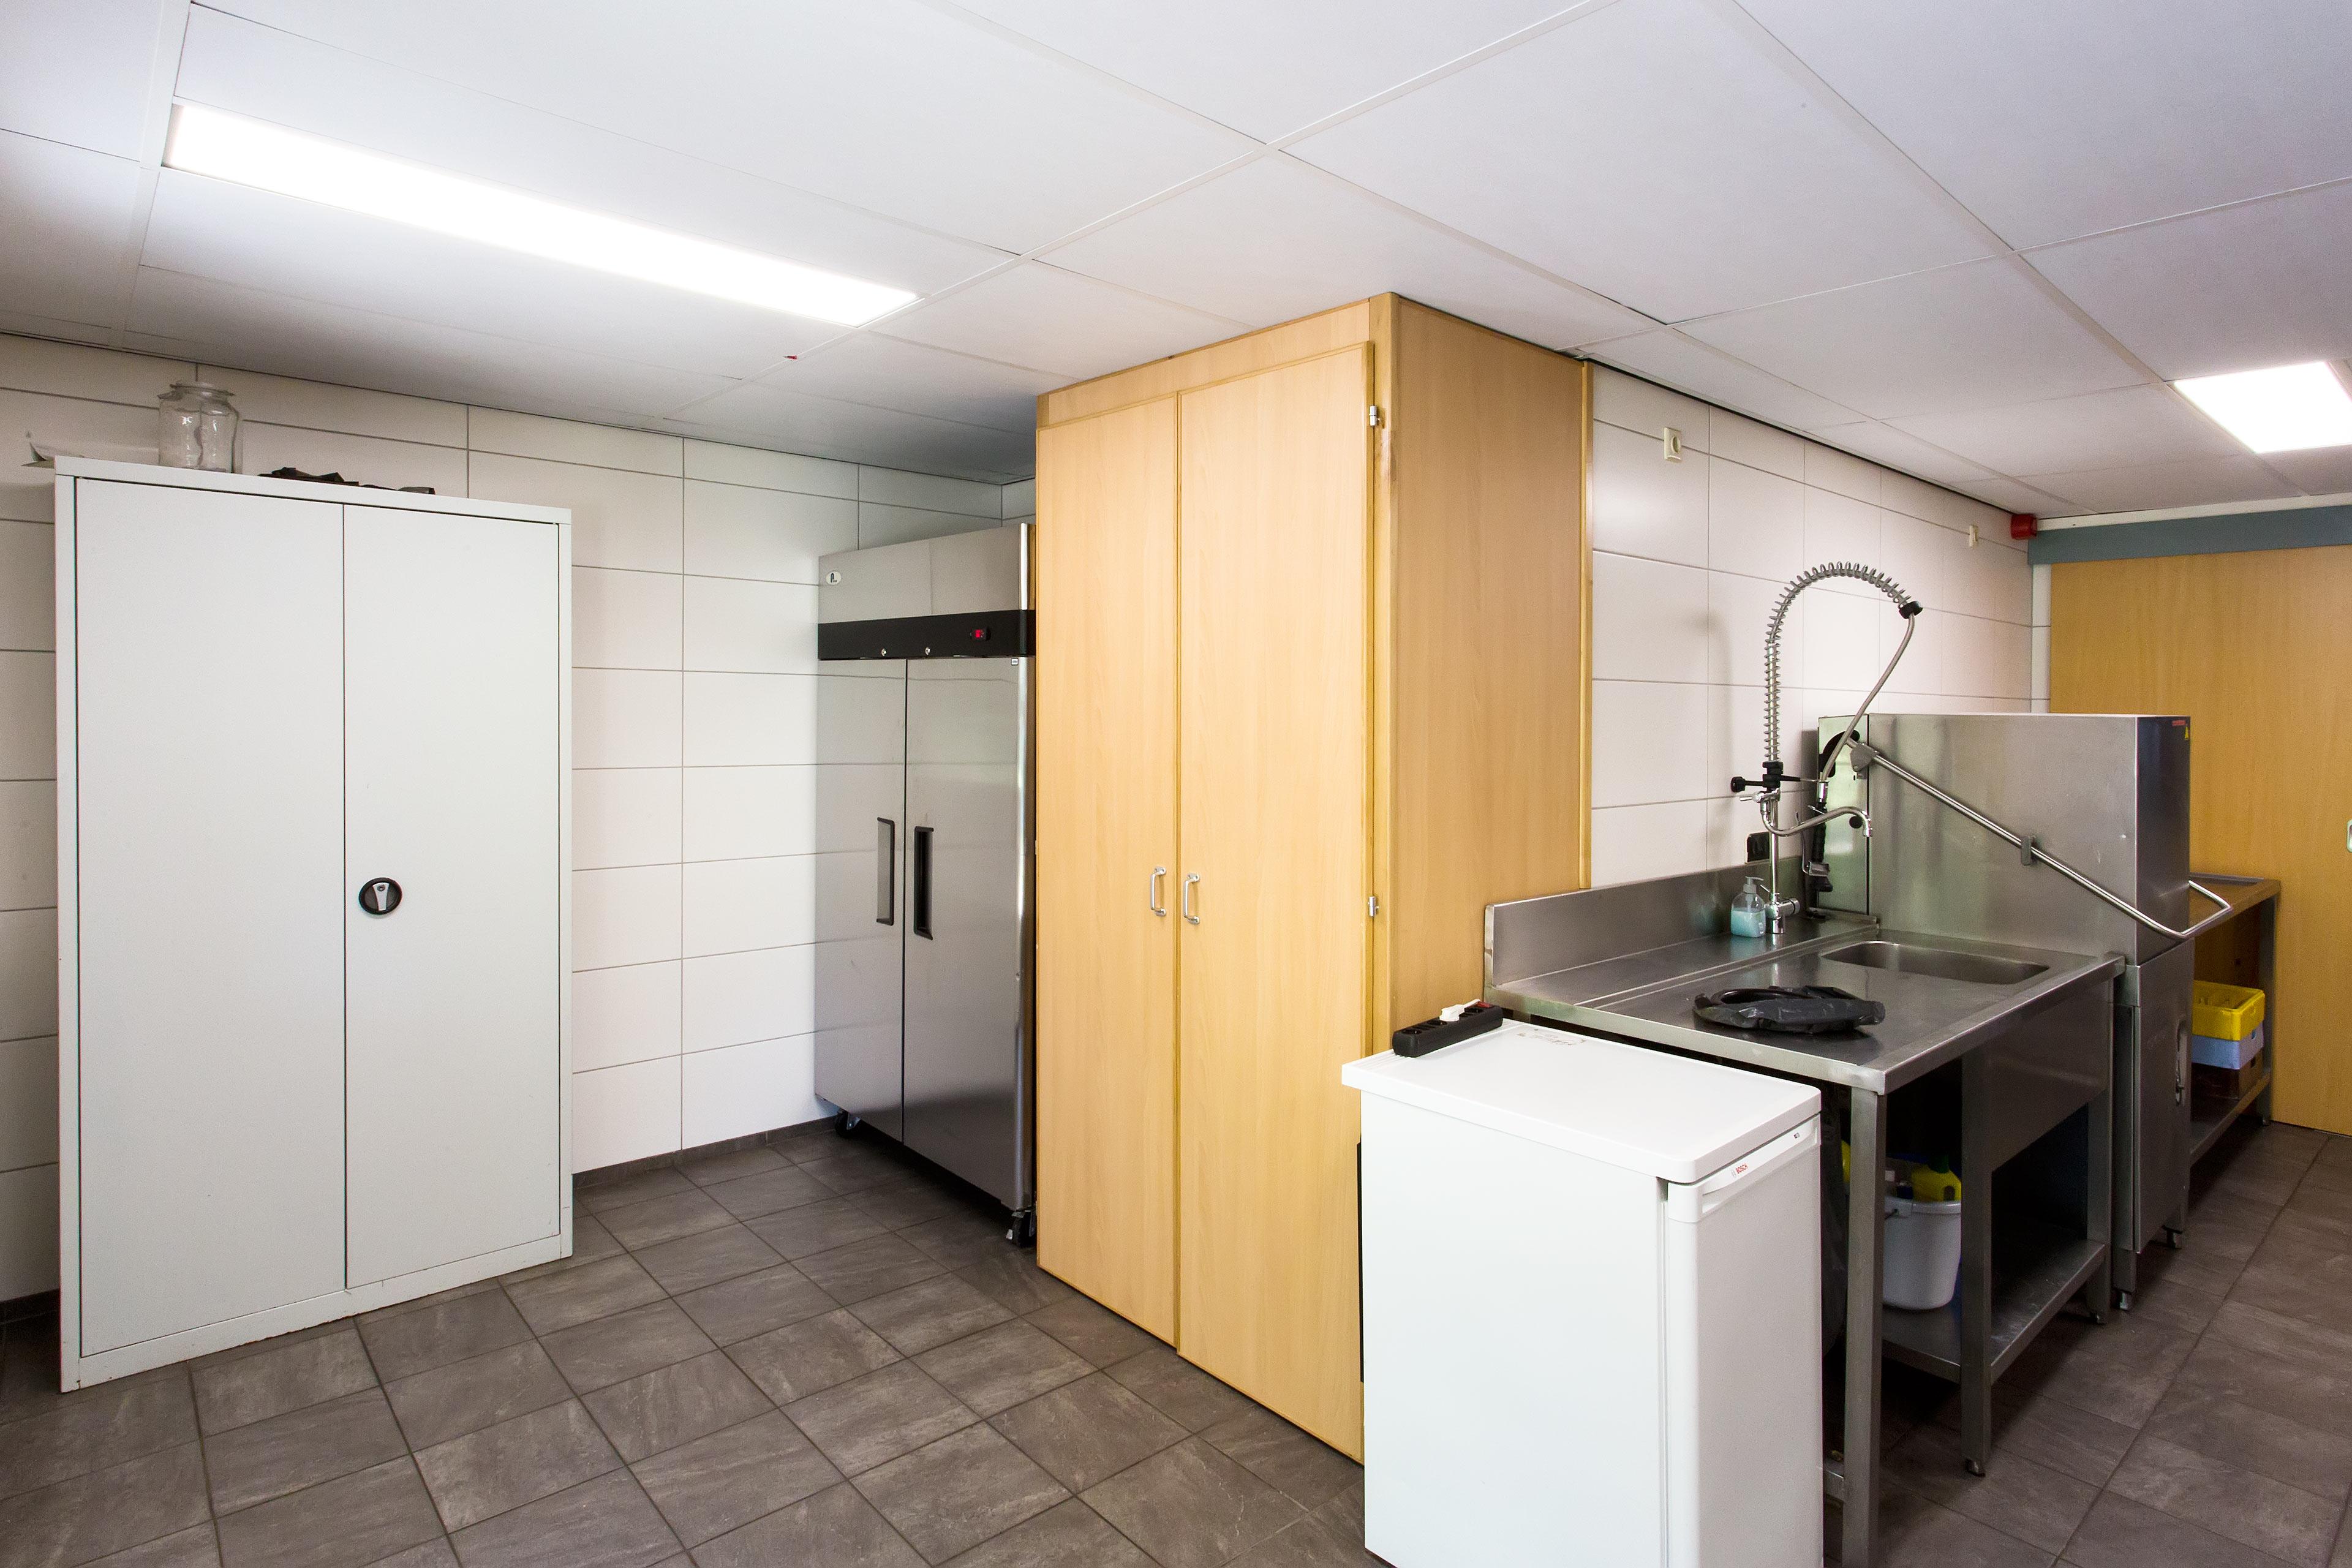 Grote koelkast en diepvrieskastje